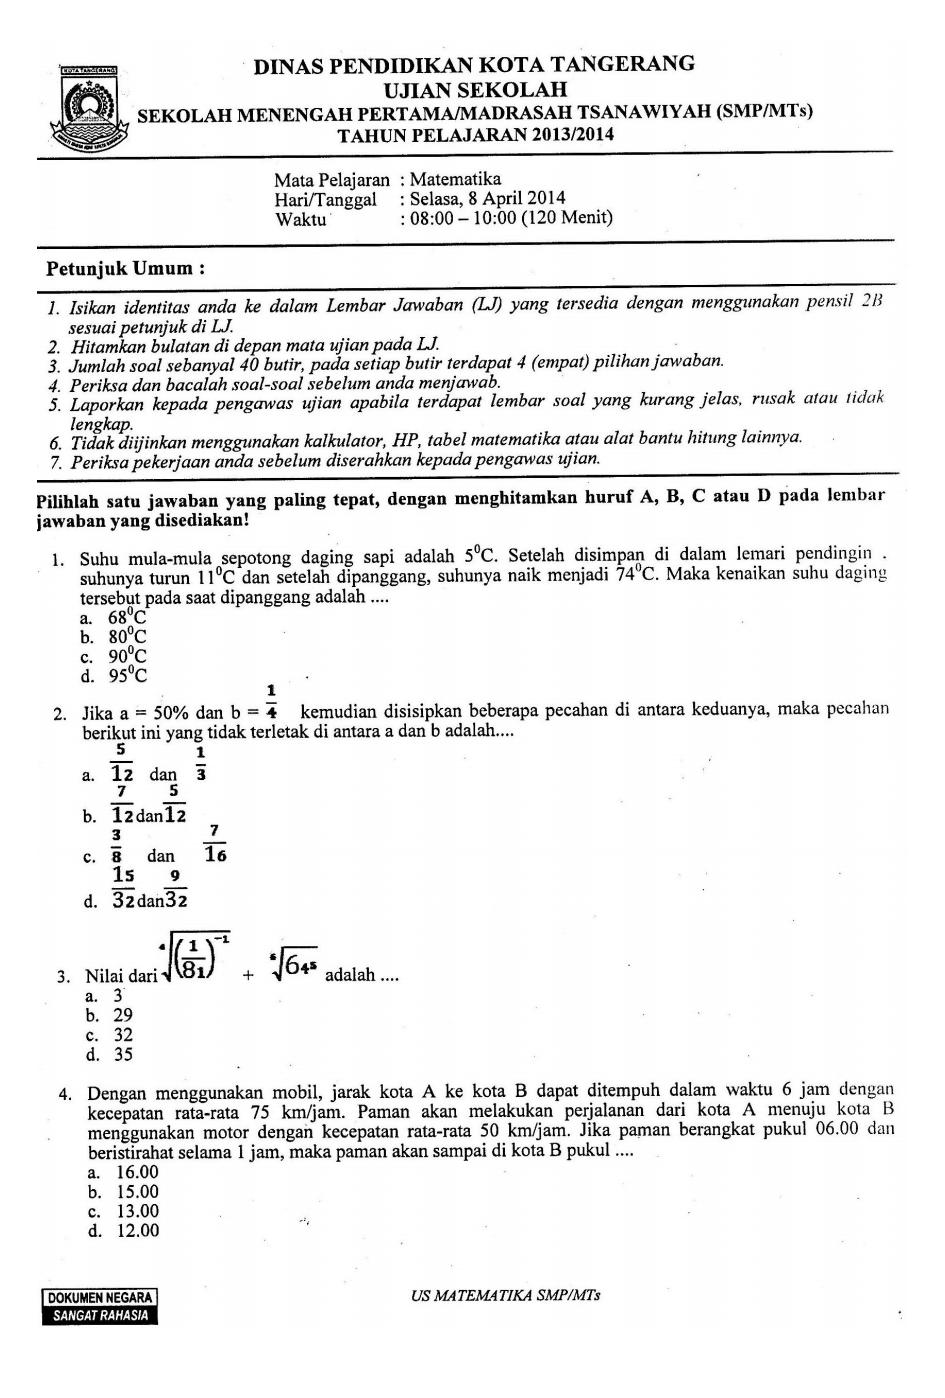 Soal Ujian Sekolah Matematika Smp Tahun  Dari Diknas Kota Tangerang